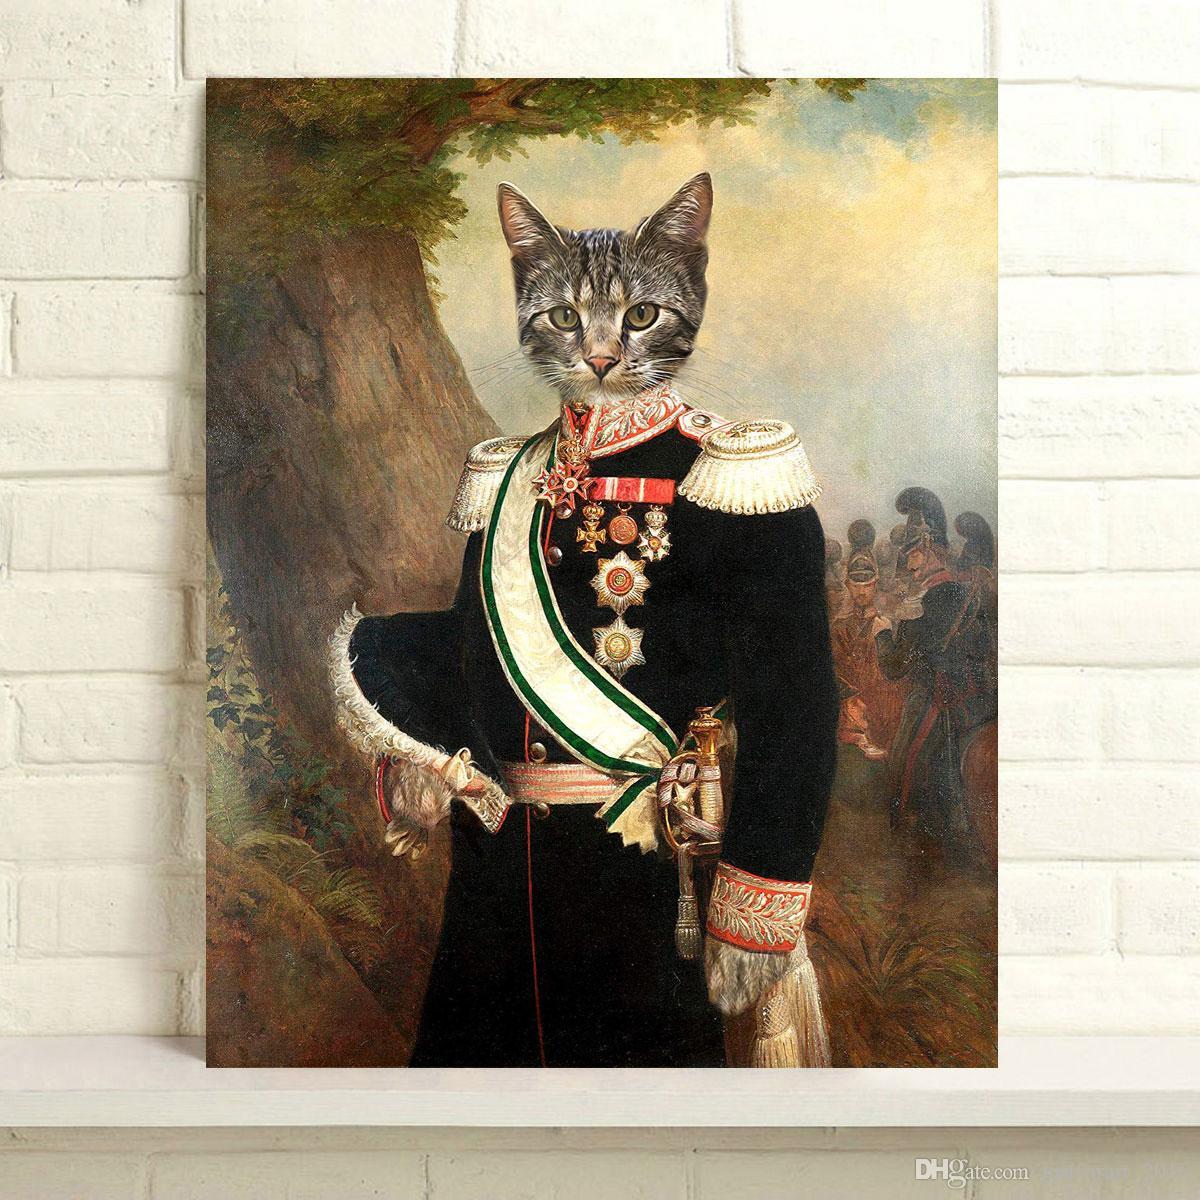 Handbemalte Thierry Poncelet Ölgemälde Hauptdekor-Wand-Kunst auf Leinwand Der Major General 24x30inch Unframed